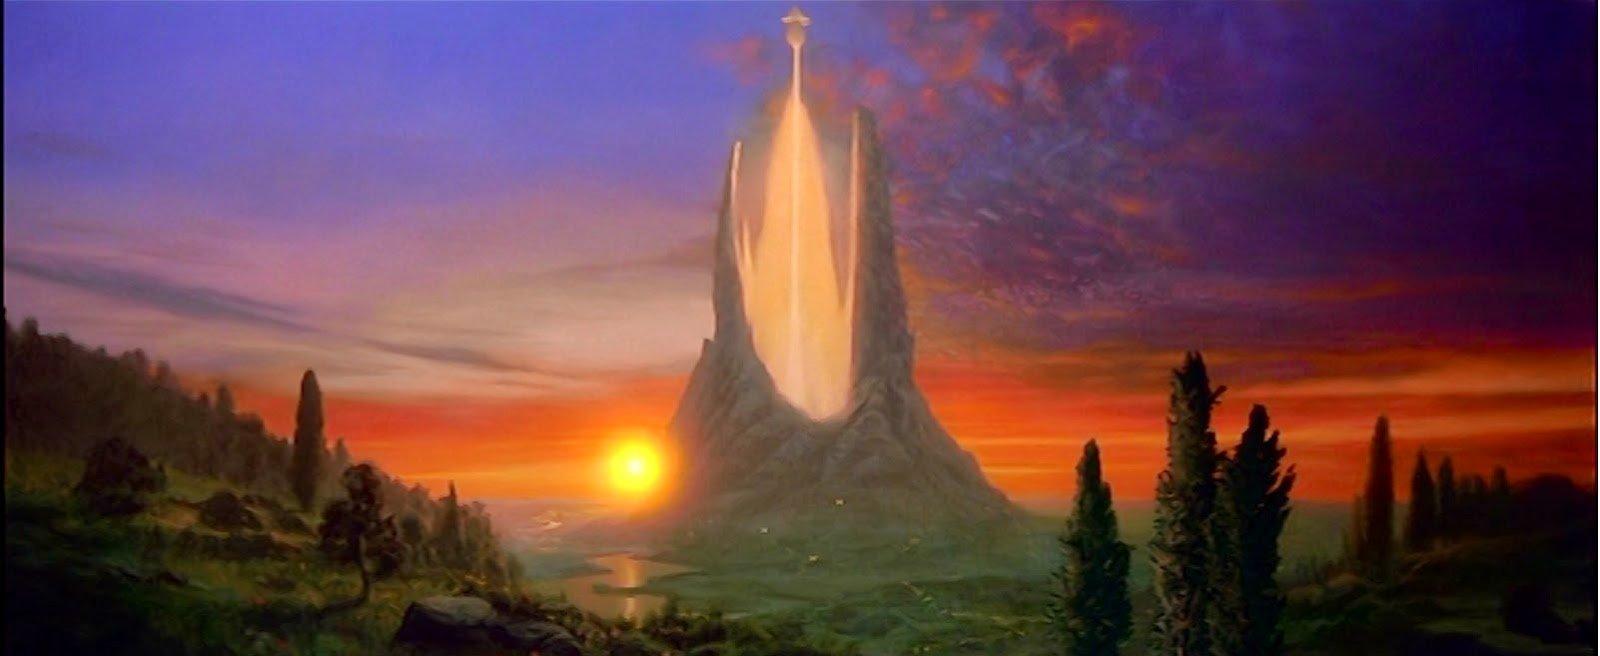 La torre d'avorio storia infinita